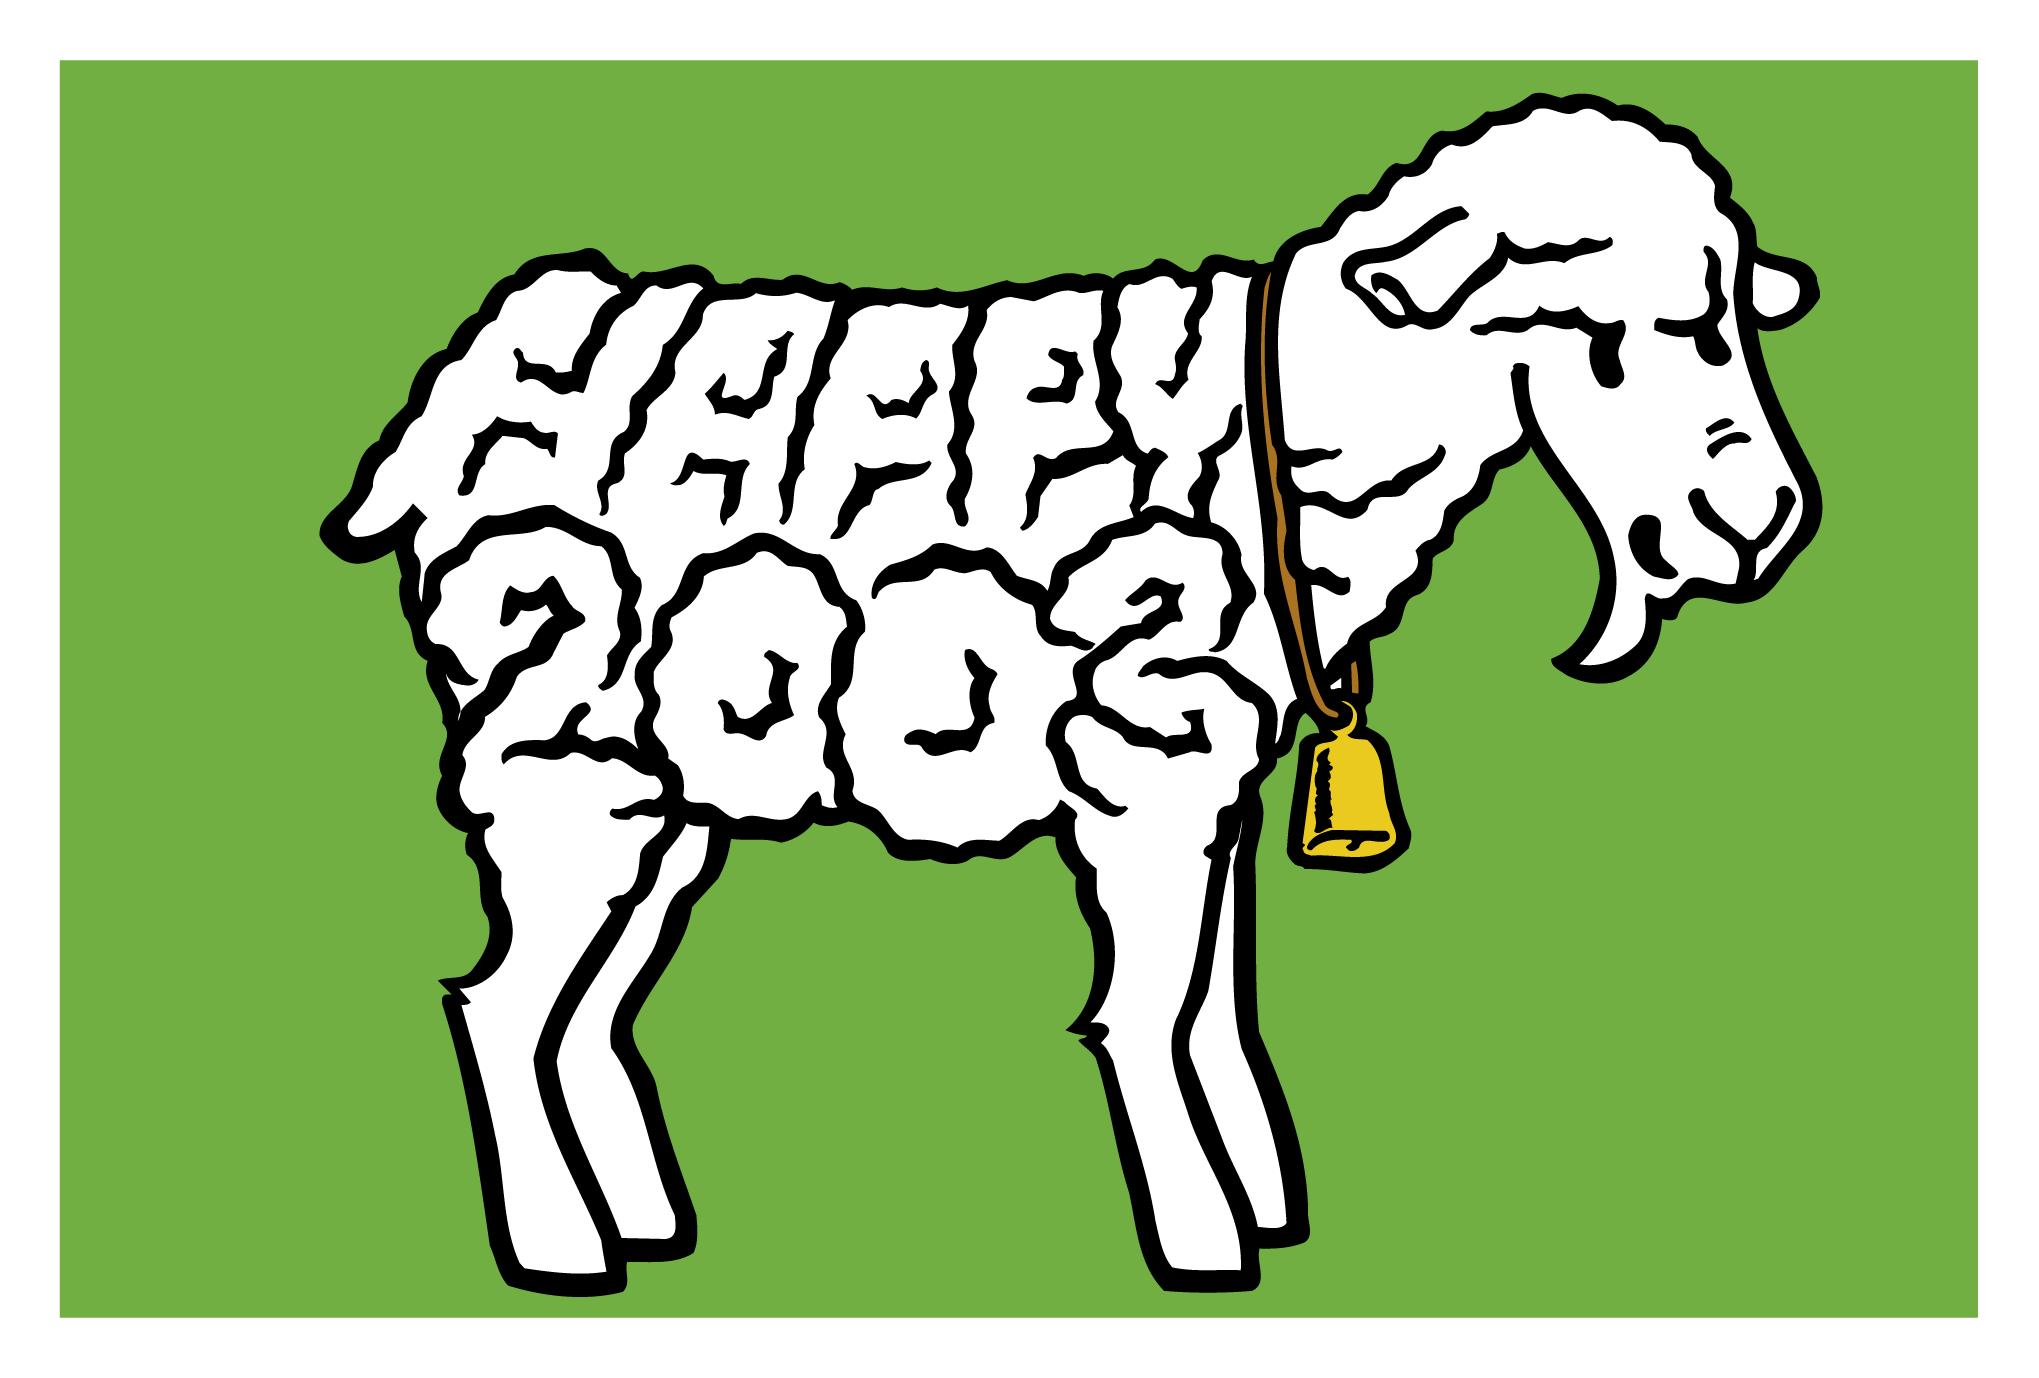 2003年賀状05:HAPPY SHEEP 2003のダウンロード画像